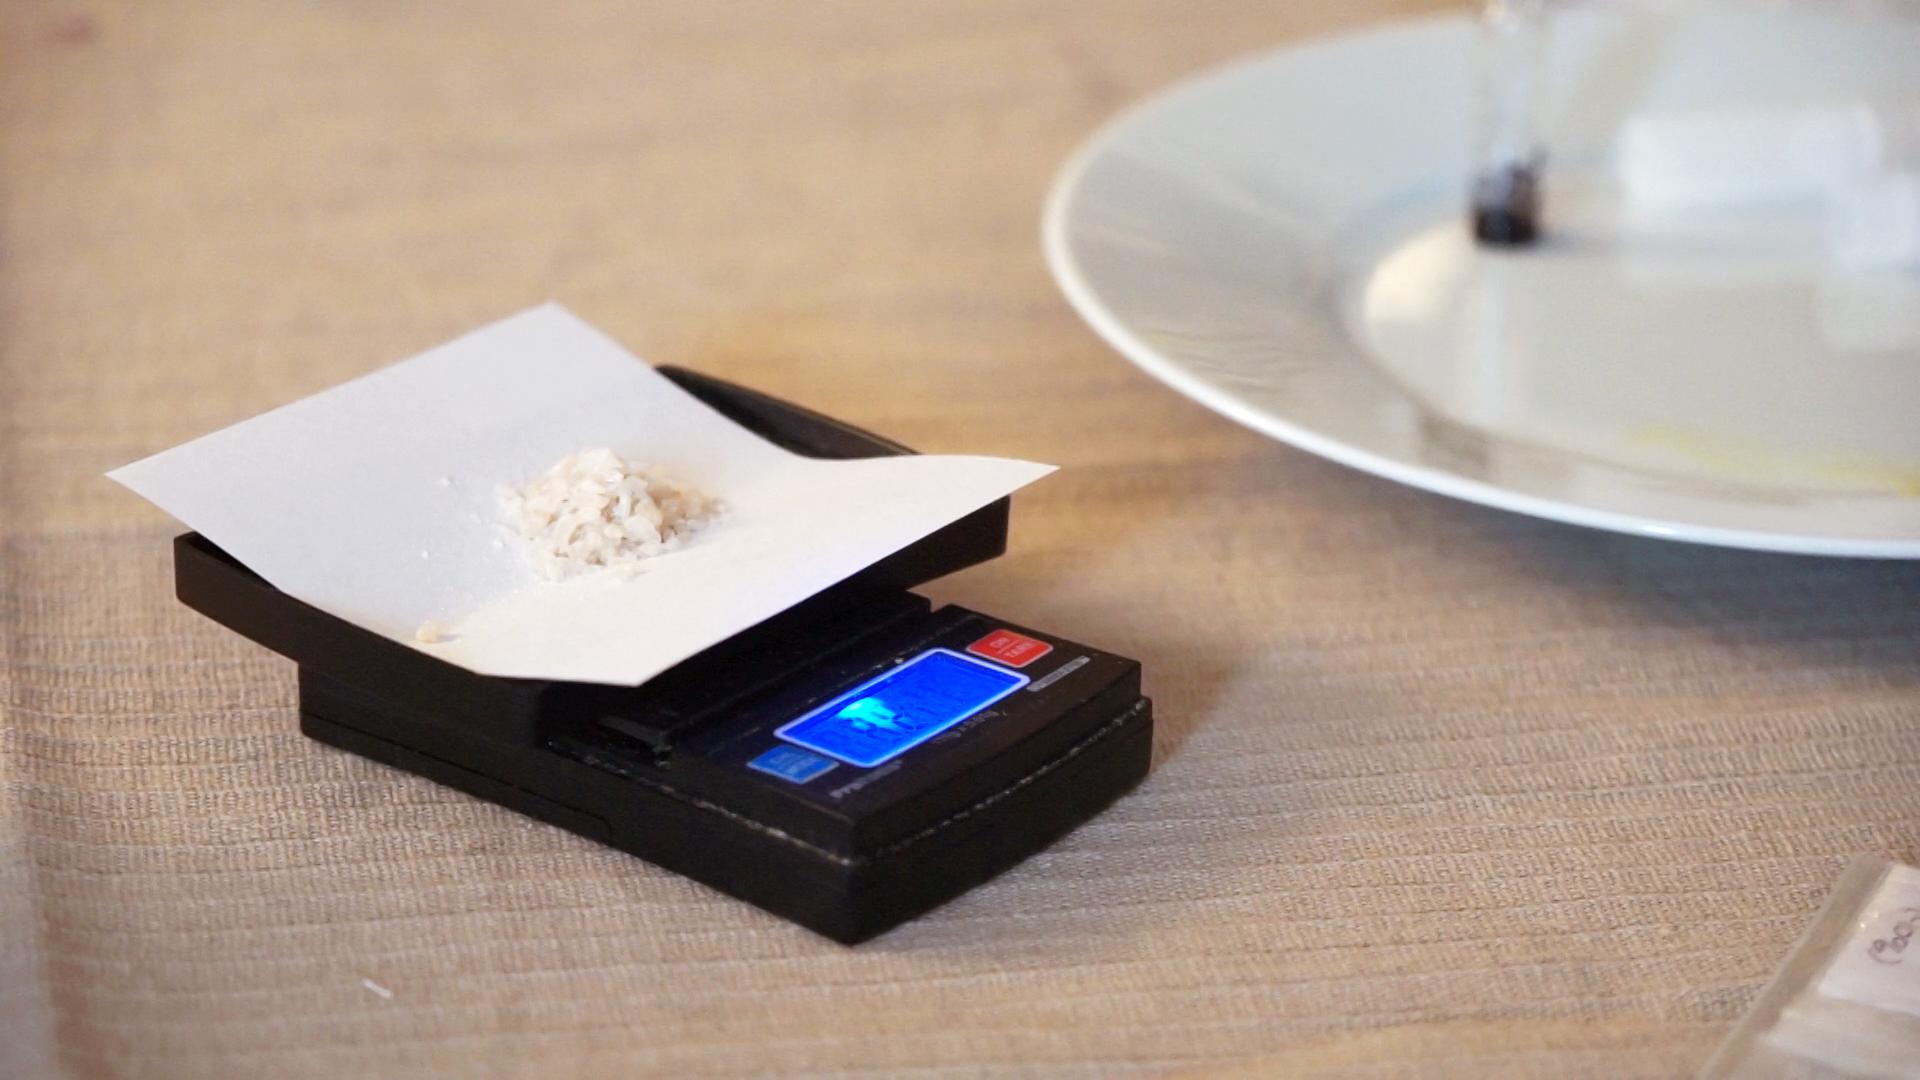 1 av 7 unge har blitt tilbudt MDMA